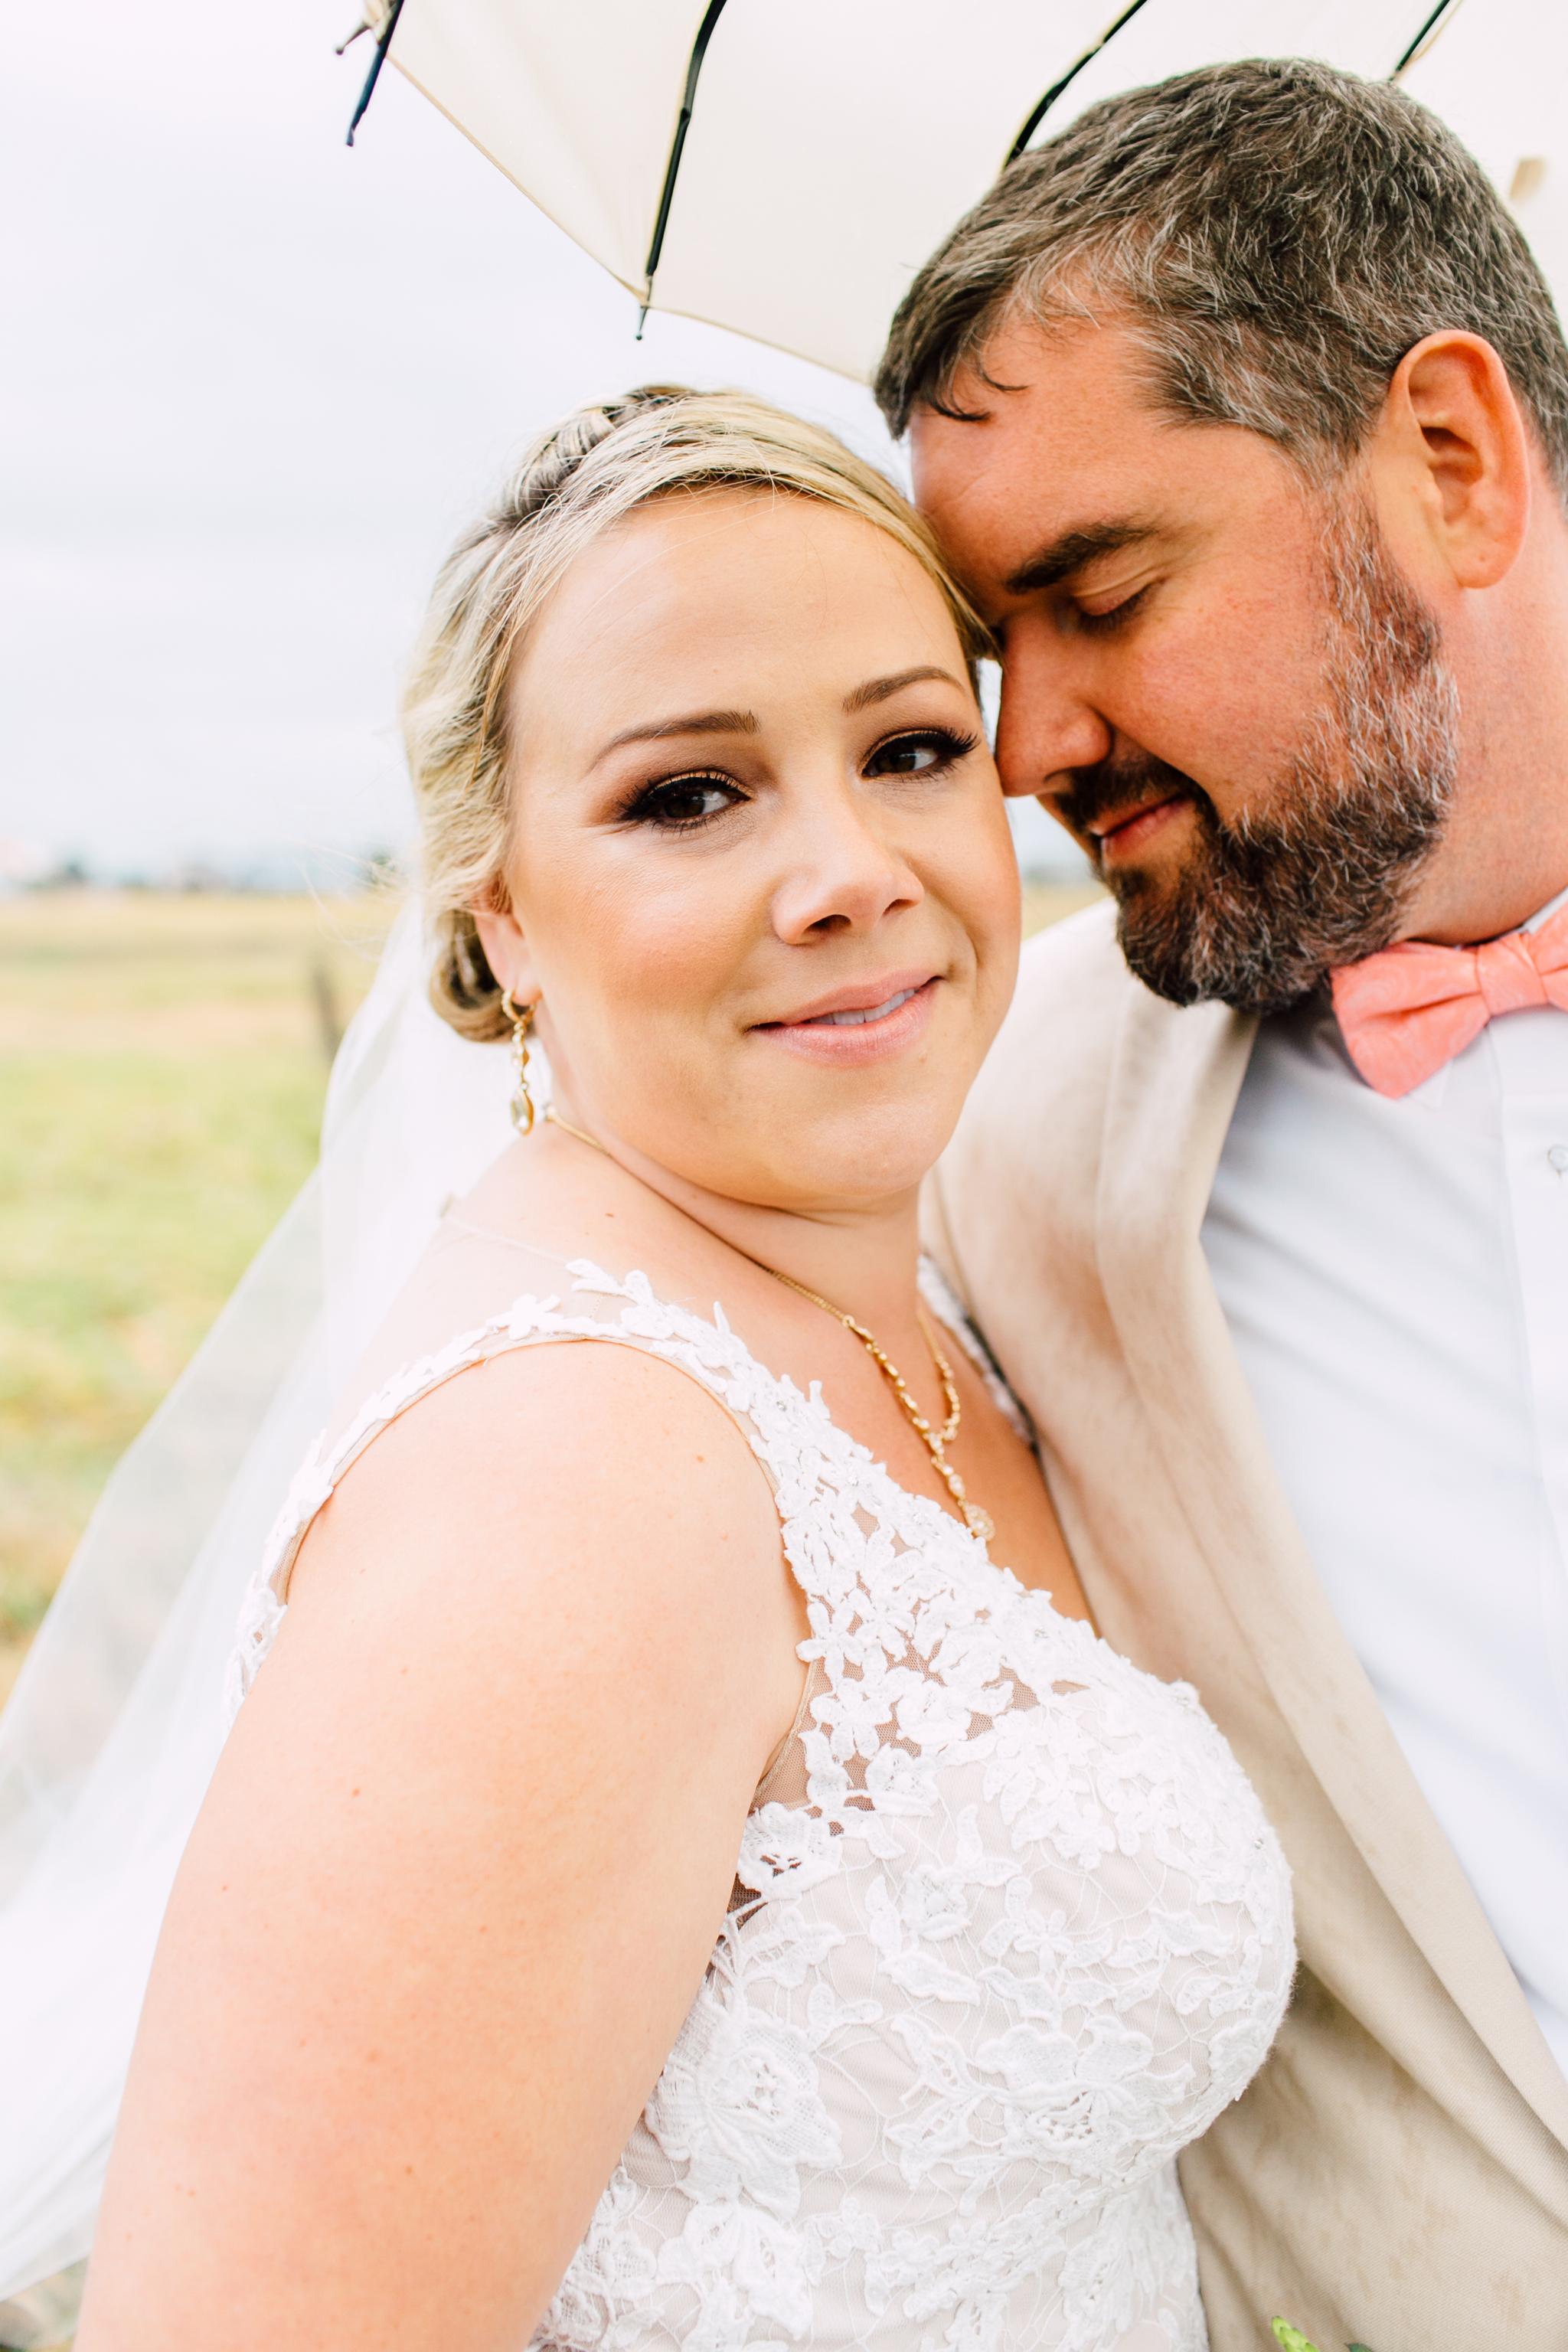 014-bellingham-wedding-photographer-beach-katheryn-moran-elisa-phillip.jpg